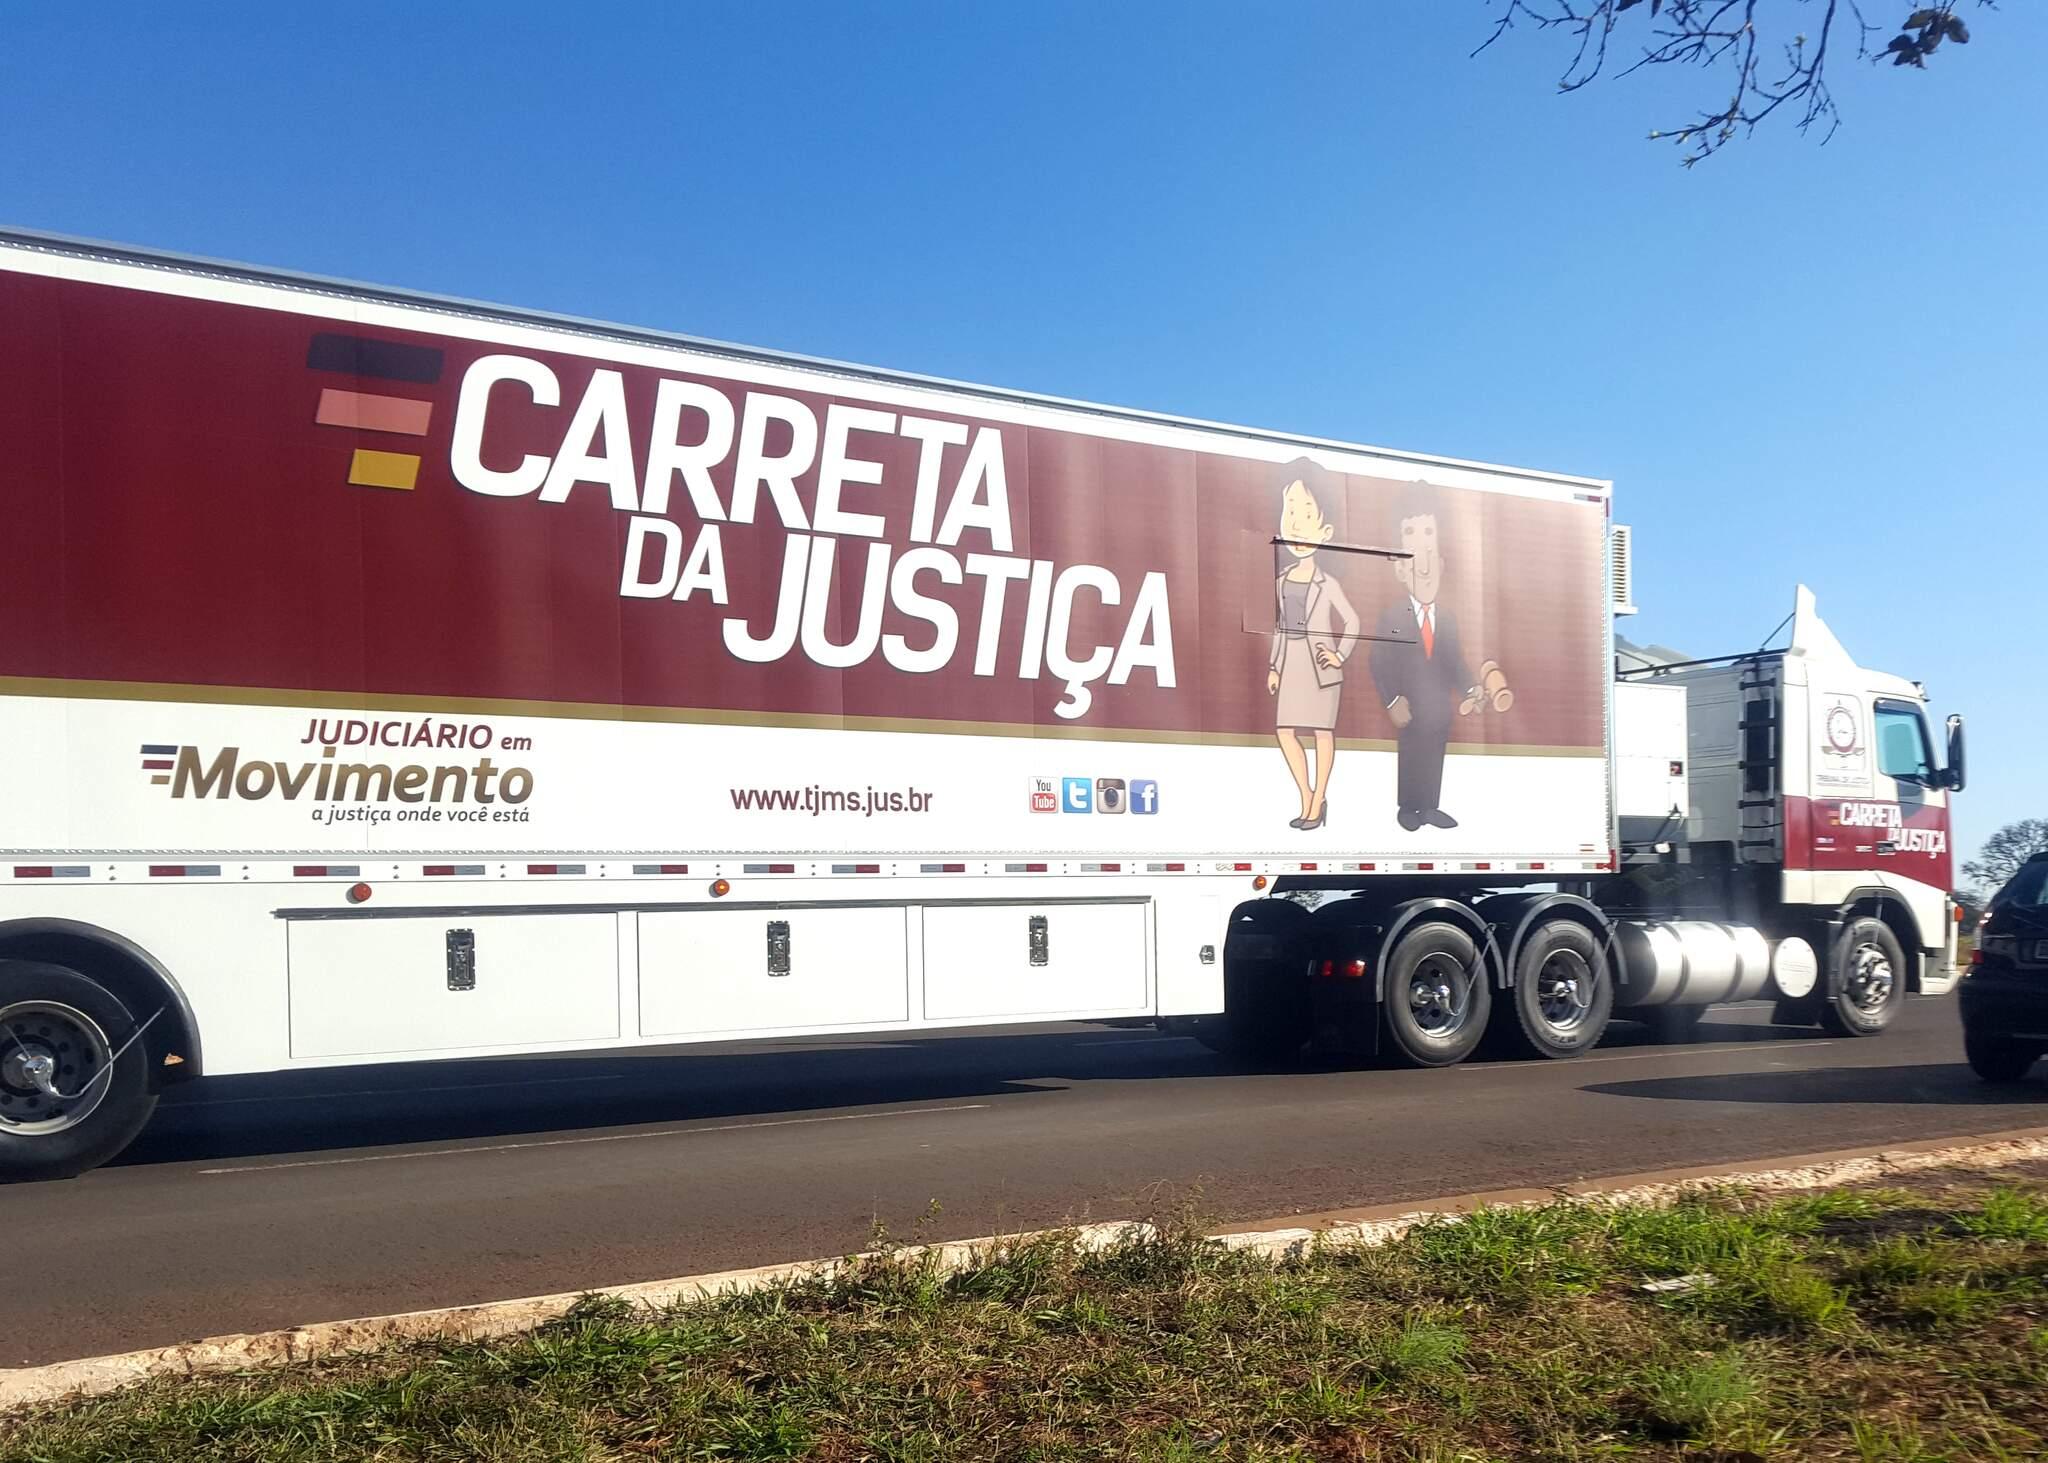 Carreta da Justiça que leva serviços aos municípios do interior do Estado. (Foto: Divulgação)